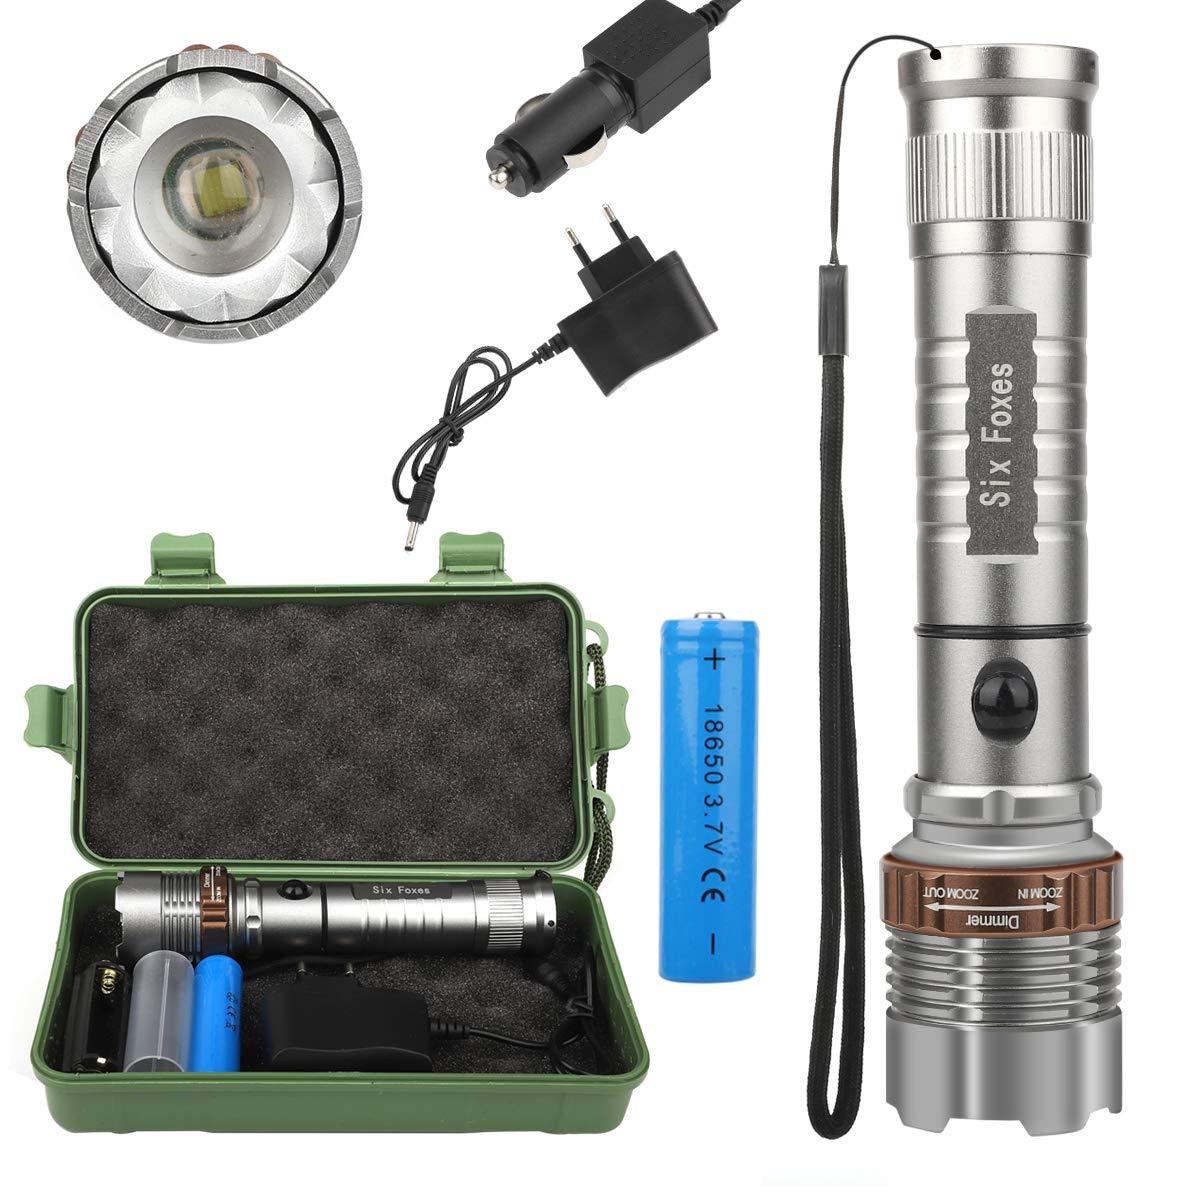 Super Lumineux Lampe de poche 8000LM T6lampe de poche LED High Power LED Lampe torche tactique Zoo Mable + 18650Chargeur Box, argent